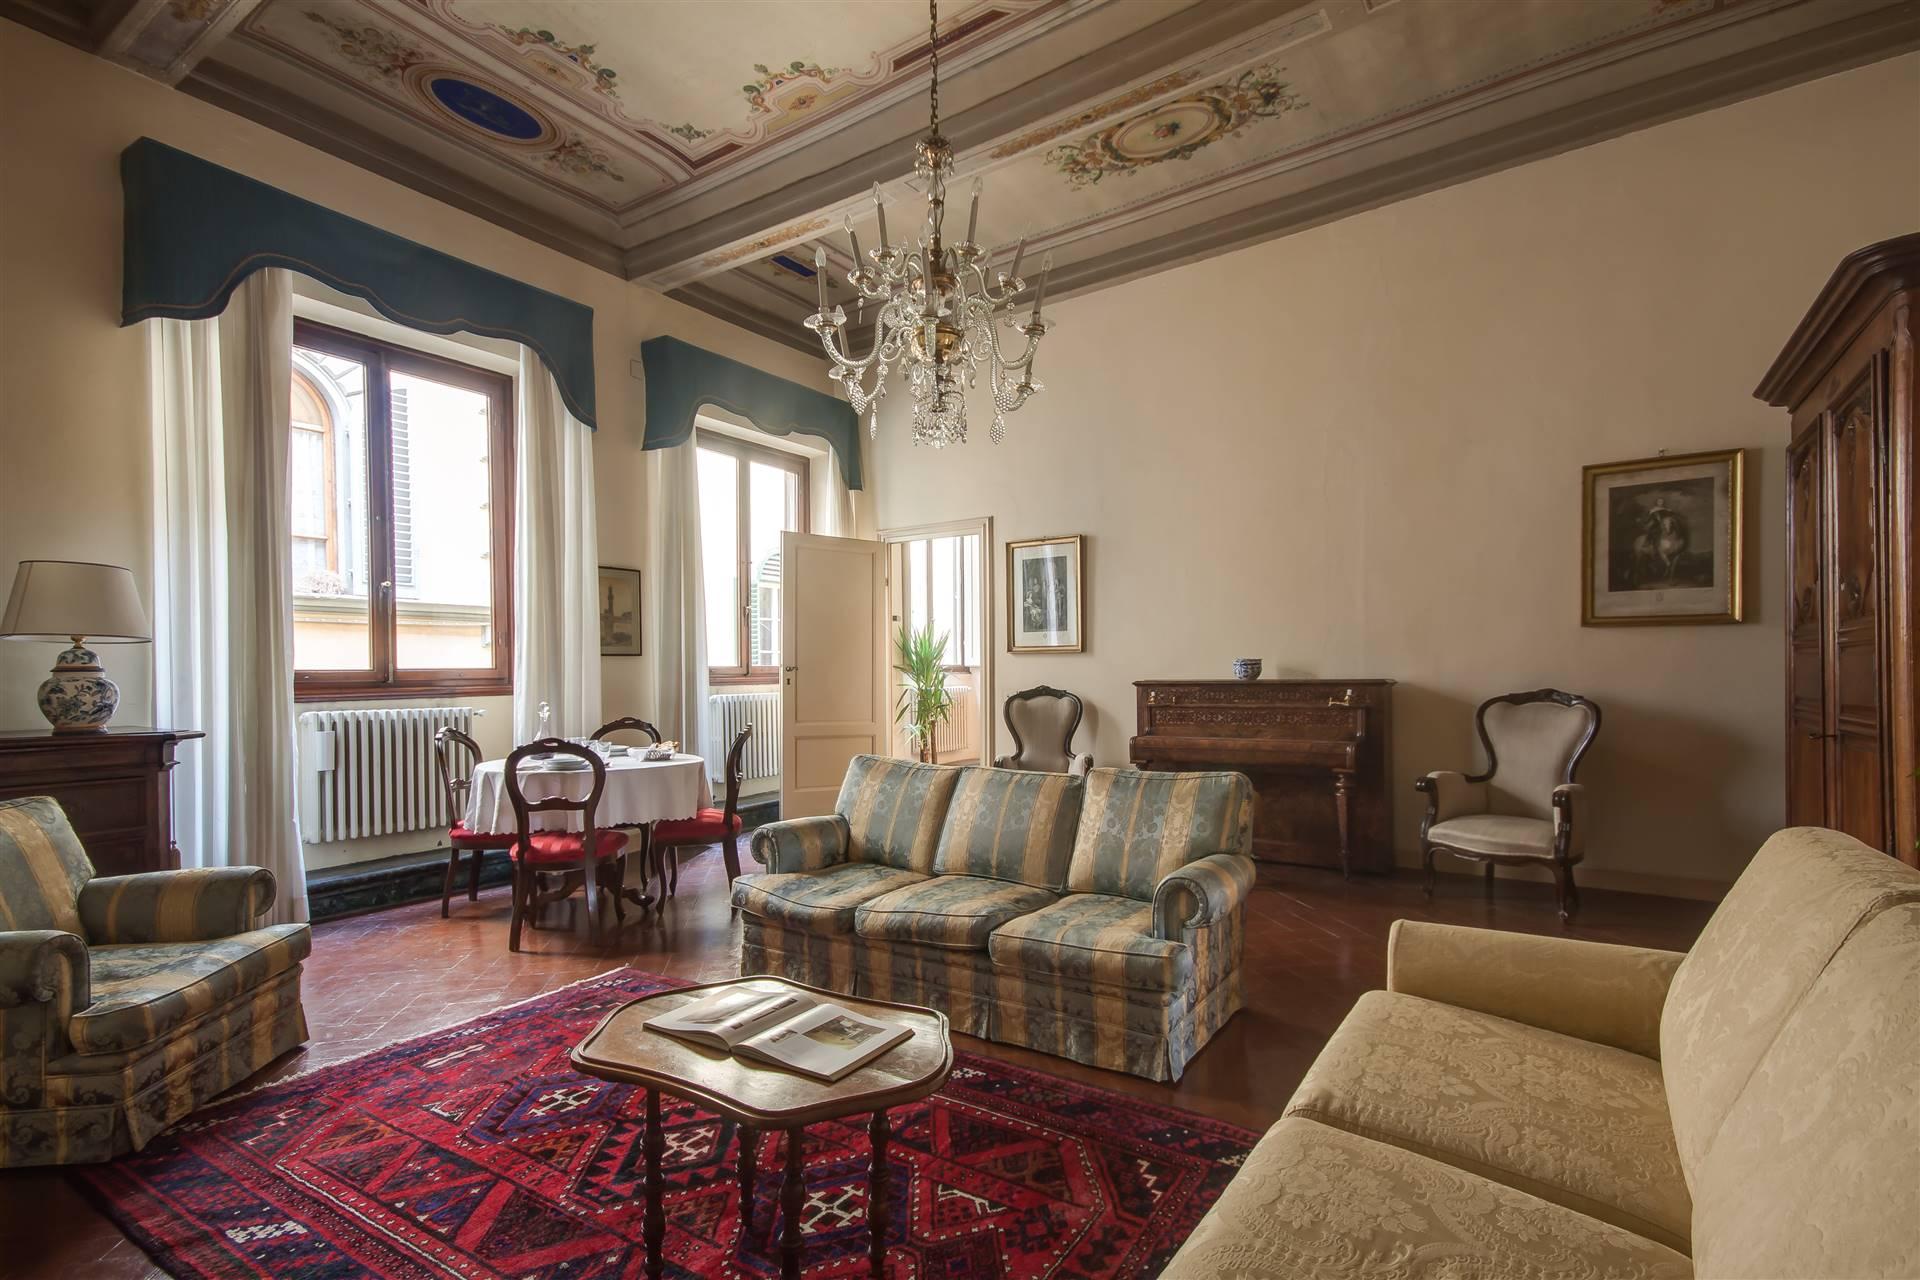 San Lorenzo pressi, in storica e bellissima via fiorentina affittasi in palazzo storico vincolato dalle belle arti, ampio e particolare bilocale